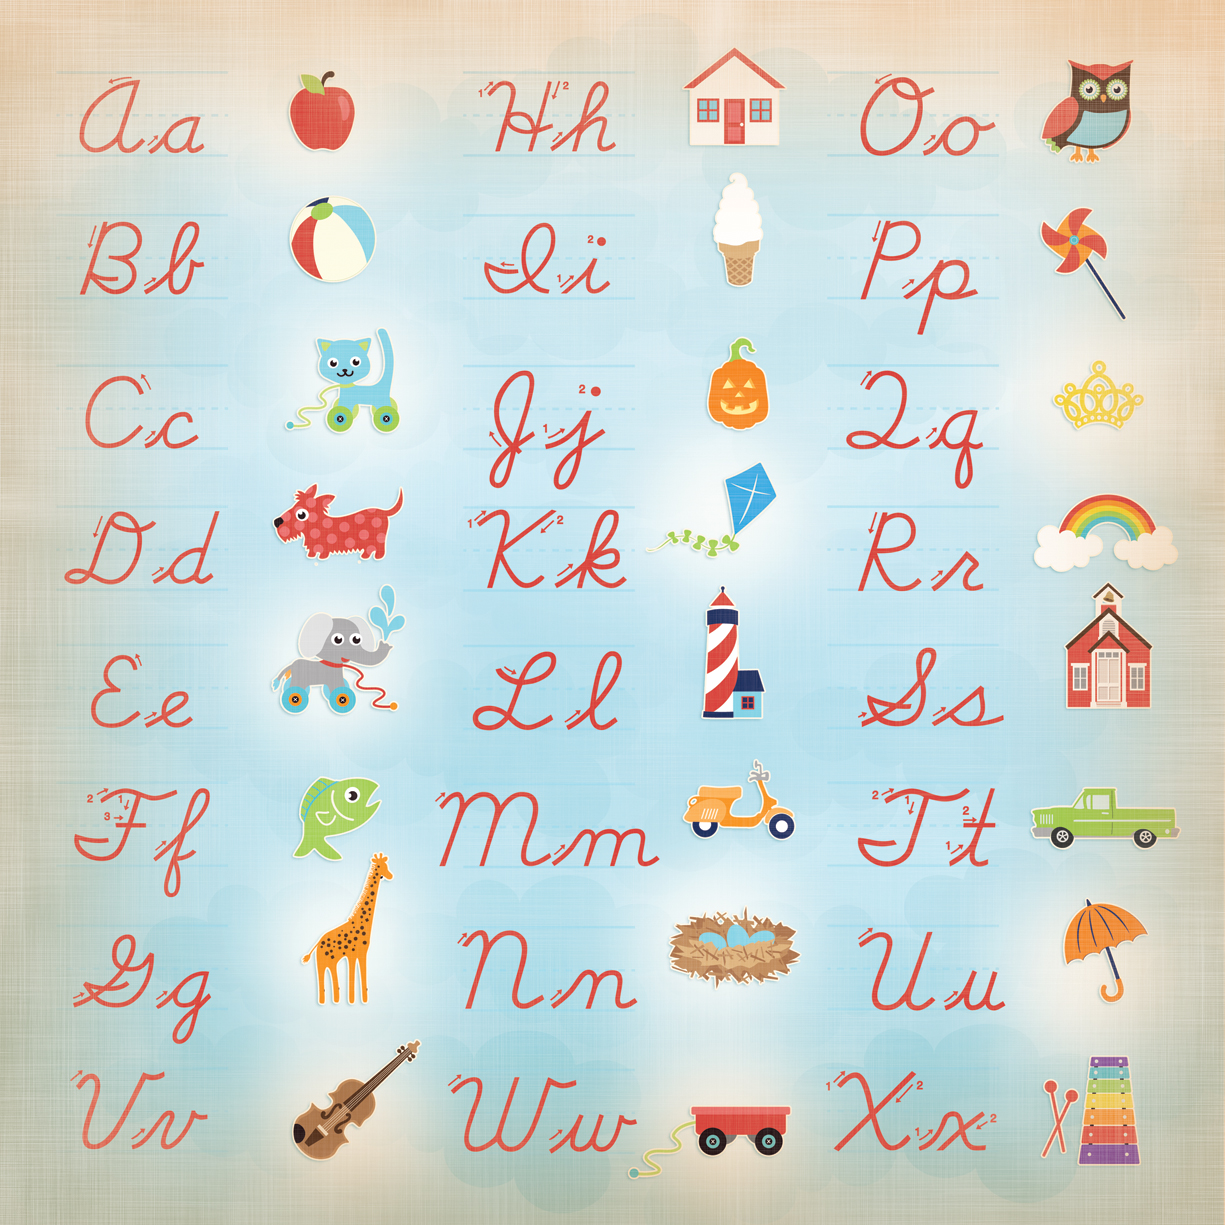 Com Cursive Alphabet Cake Ideas And Designs